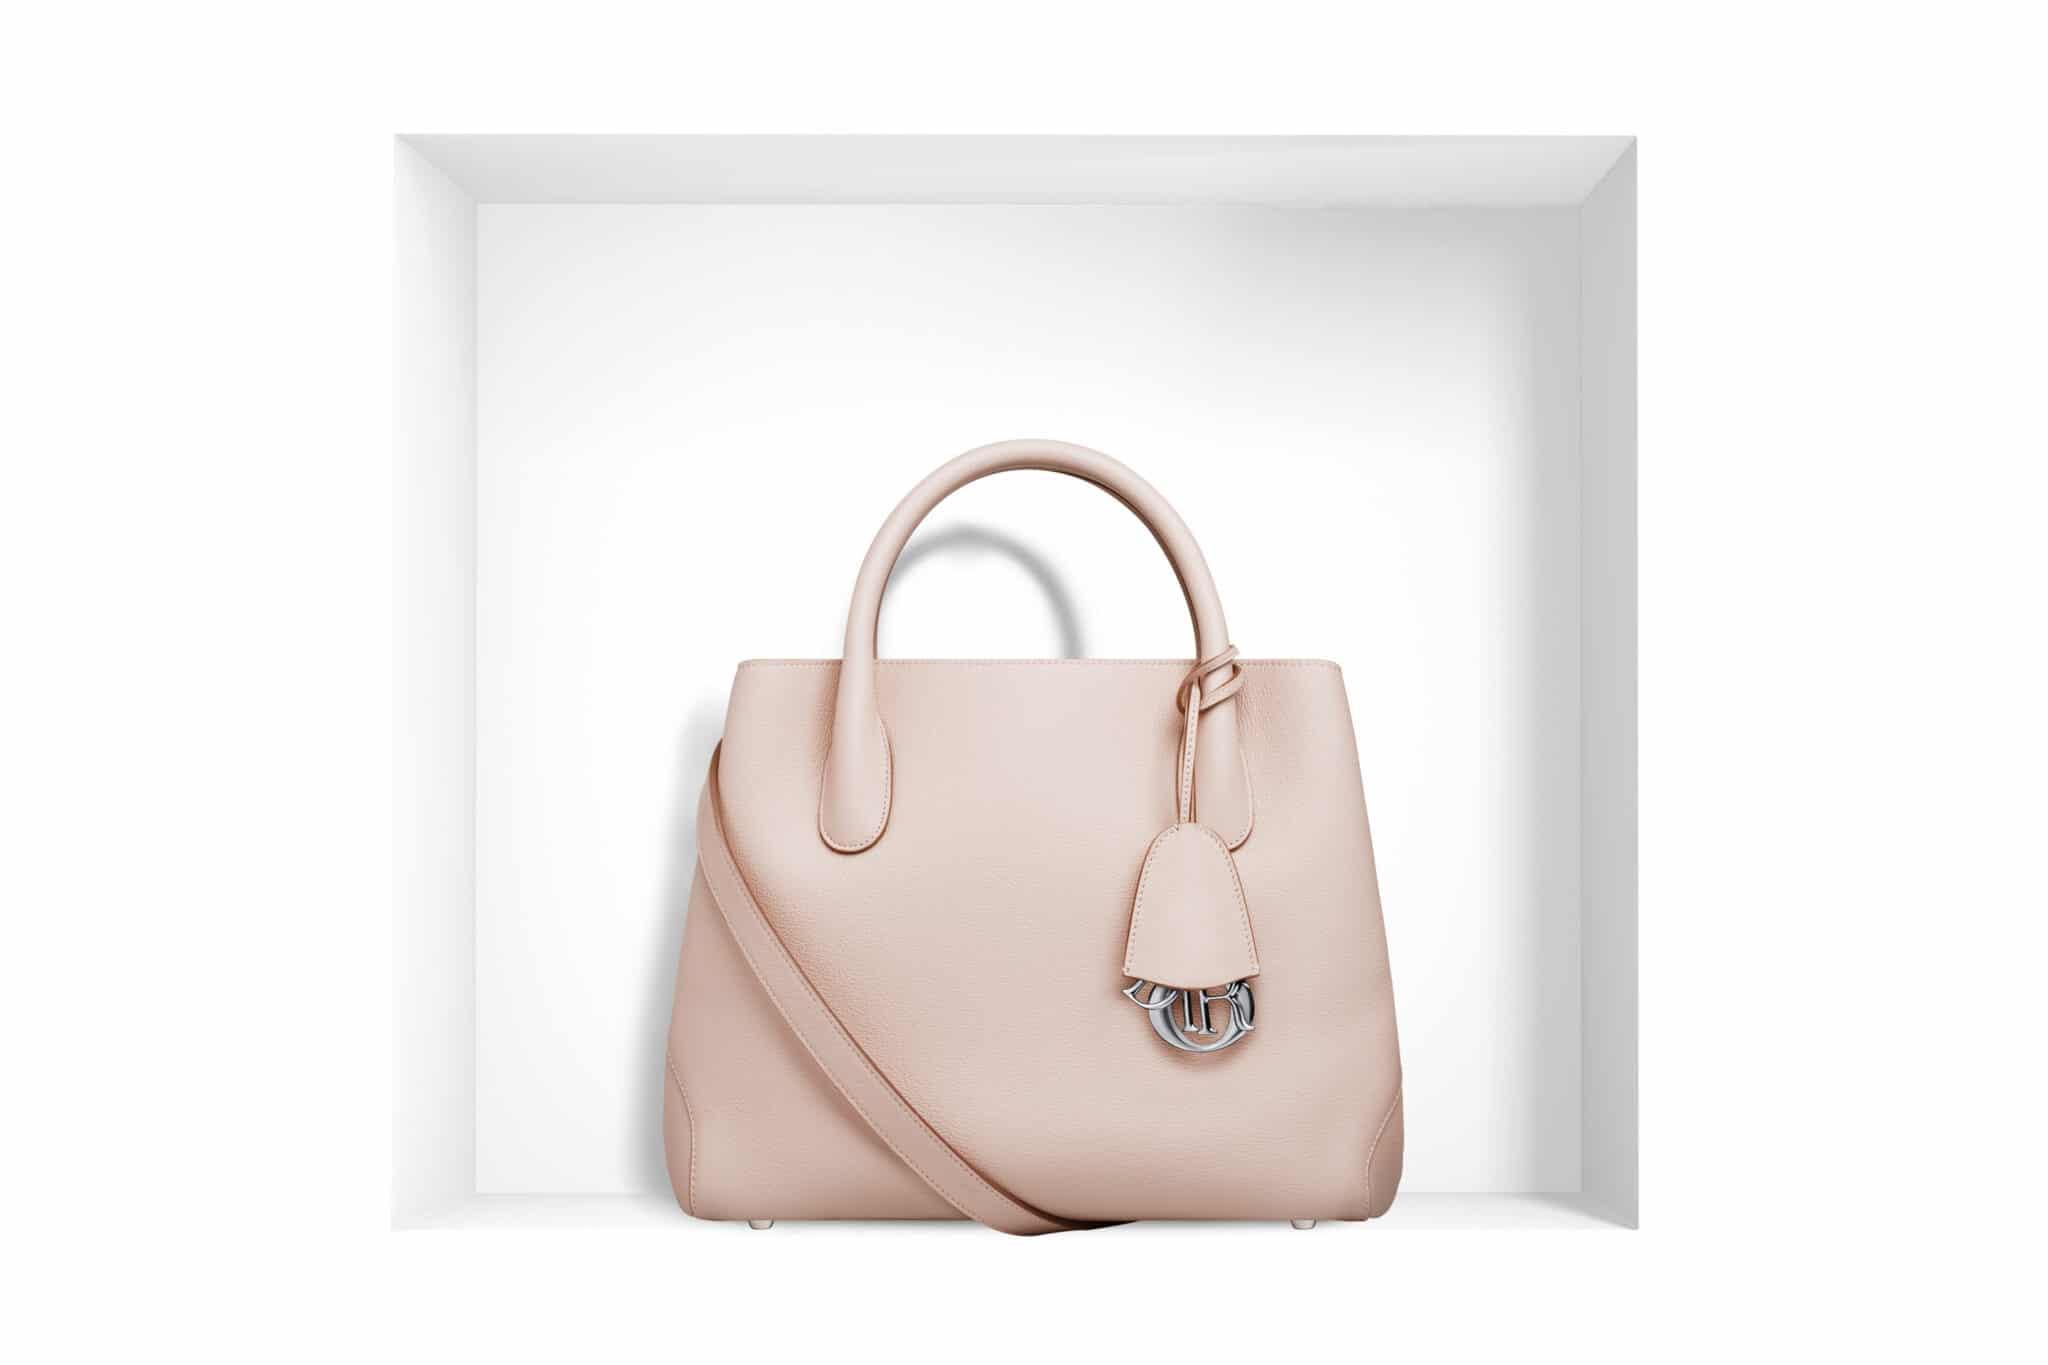 b65e10e06a2d Dior  Open Bar  Tote Bag Reference Guide